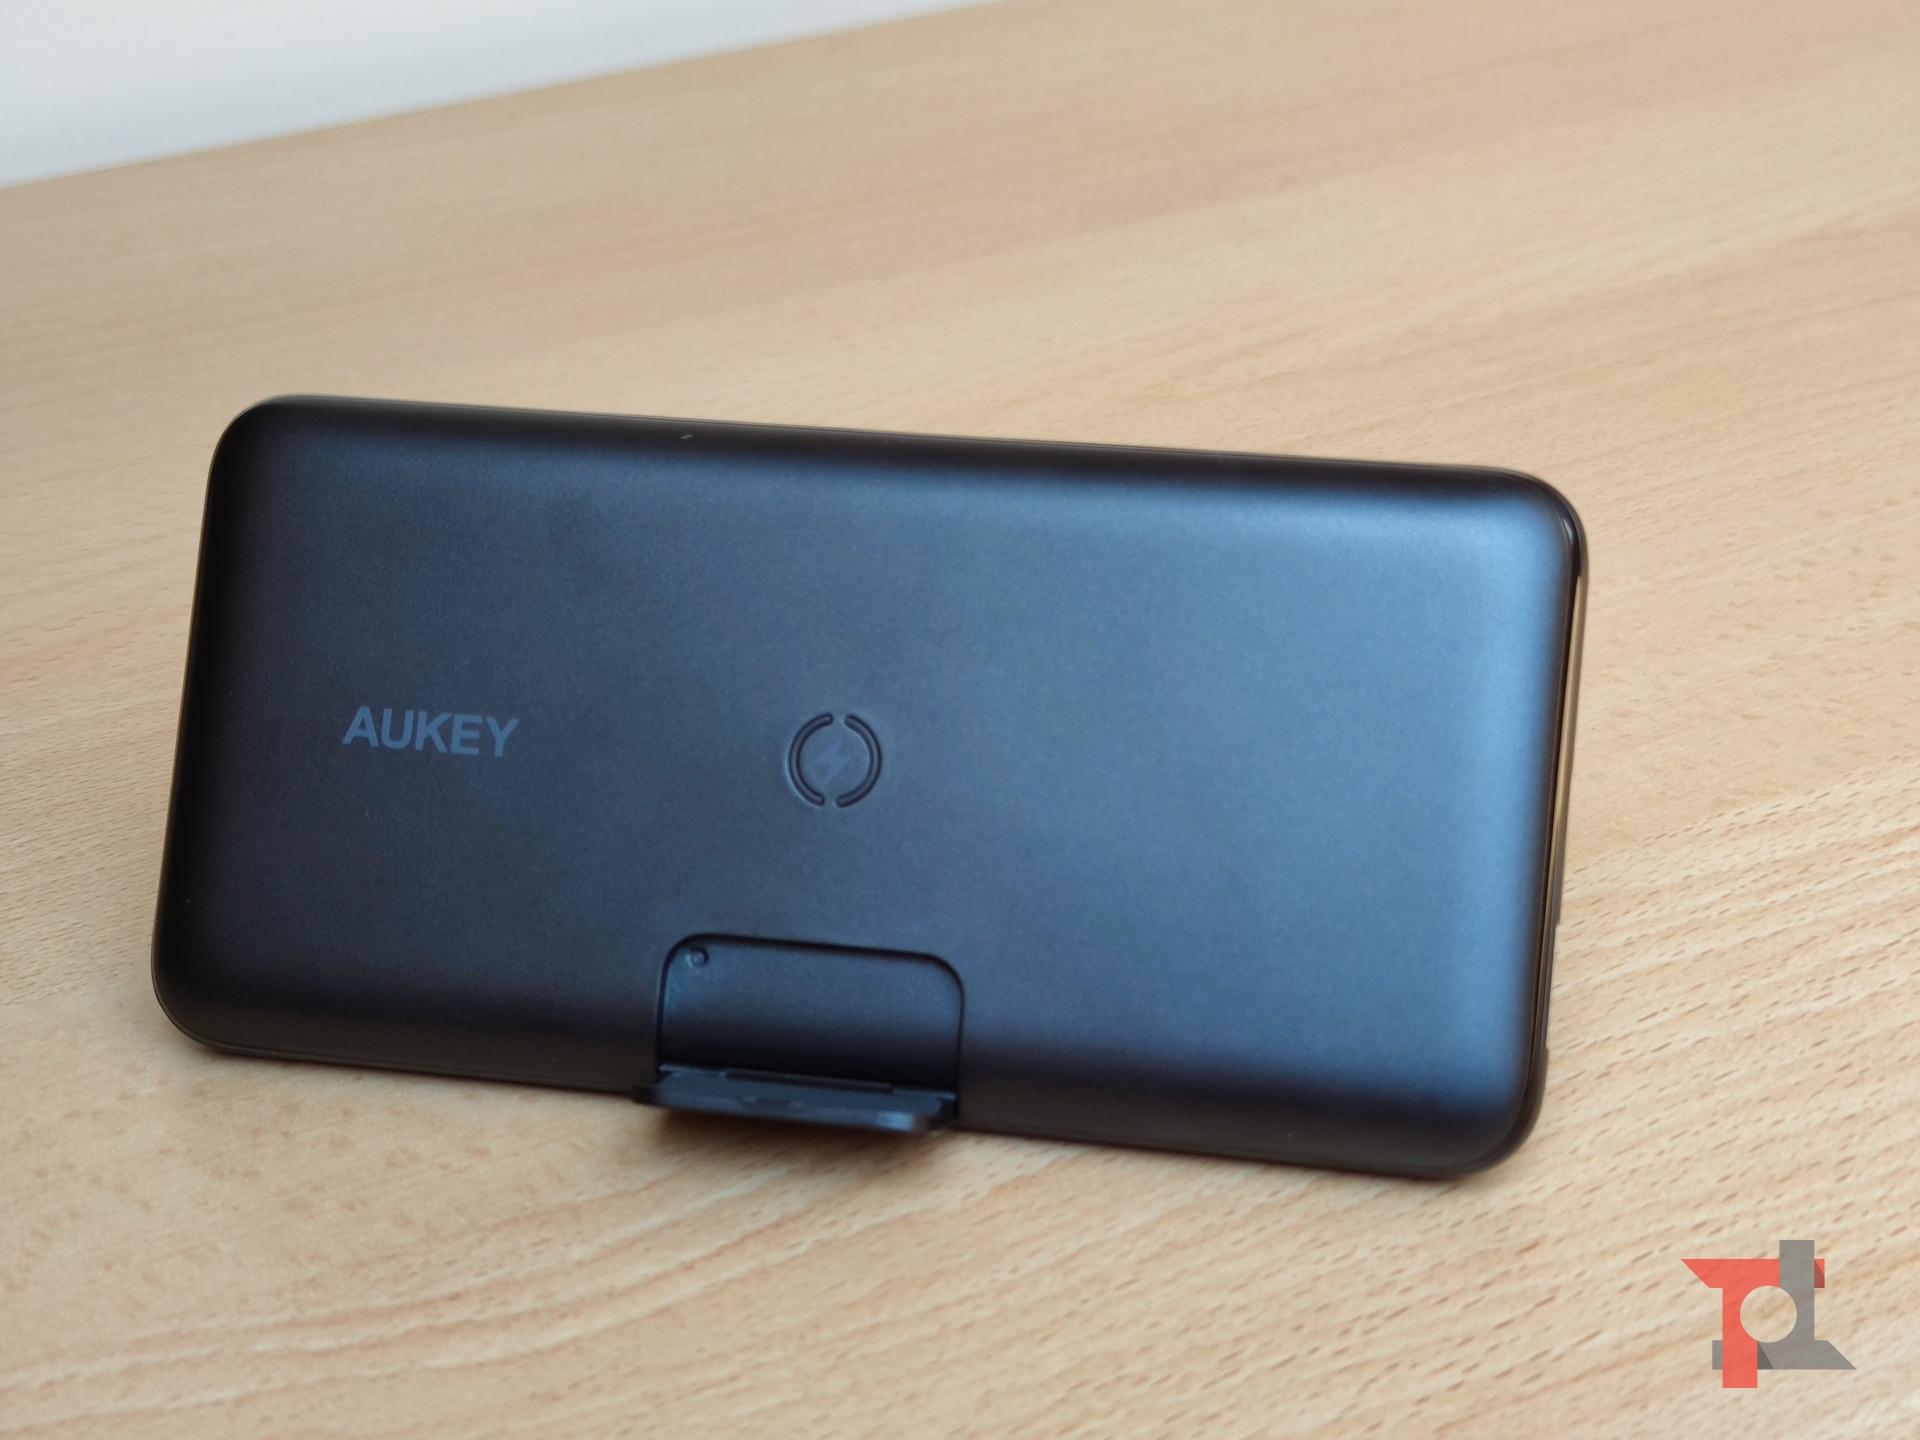 Recensione AUKEY PB-WL02, un power bank wireless polifunzionale 1